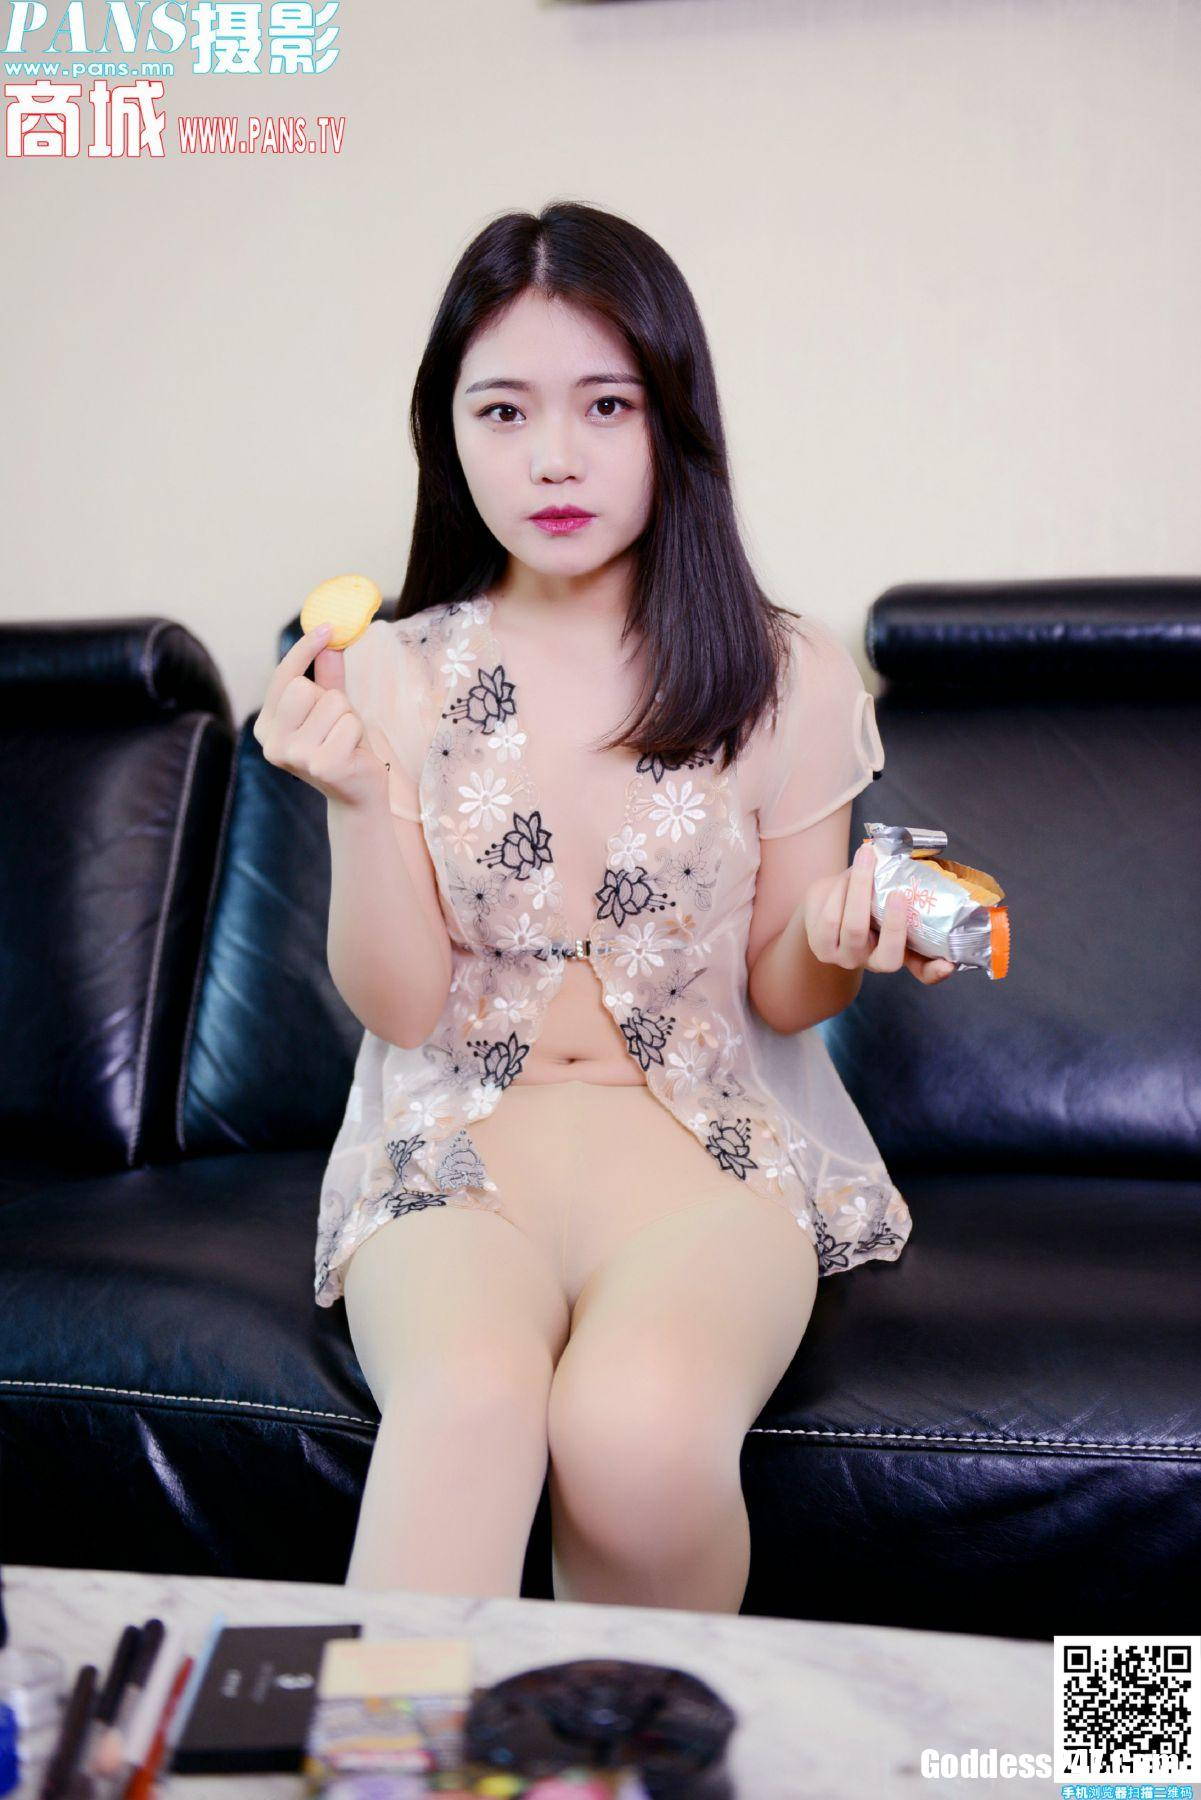 李沫, PANS写真 No.1330 李沫, PANS写真 No.1330, Li Mo